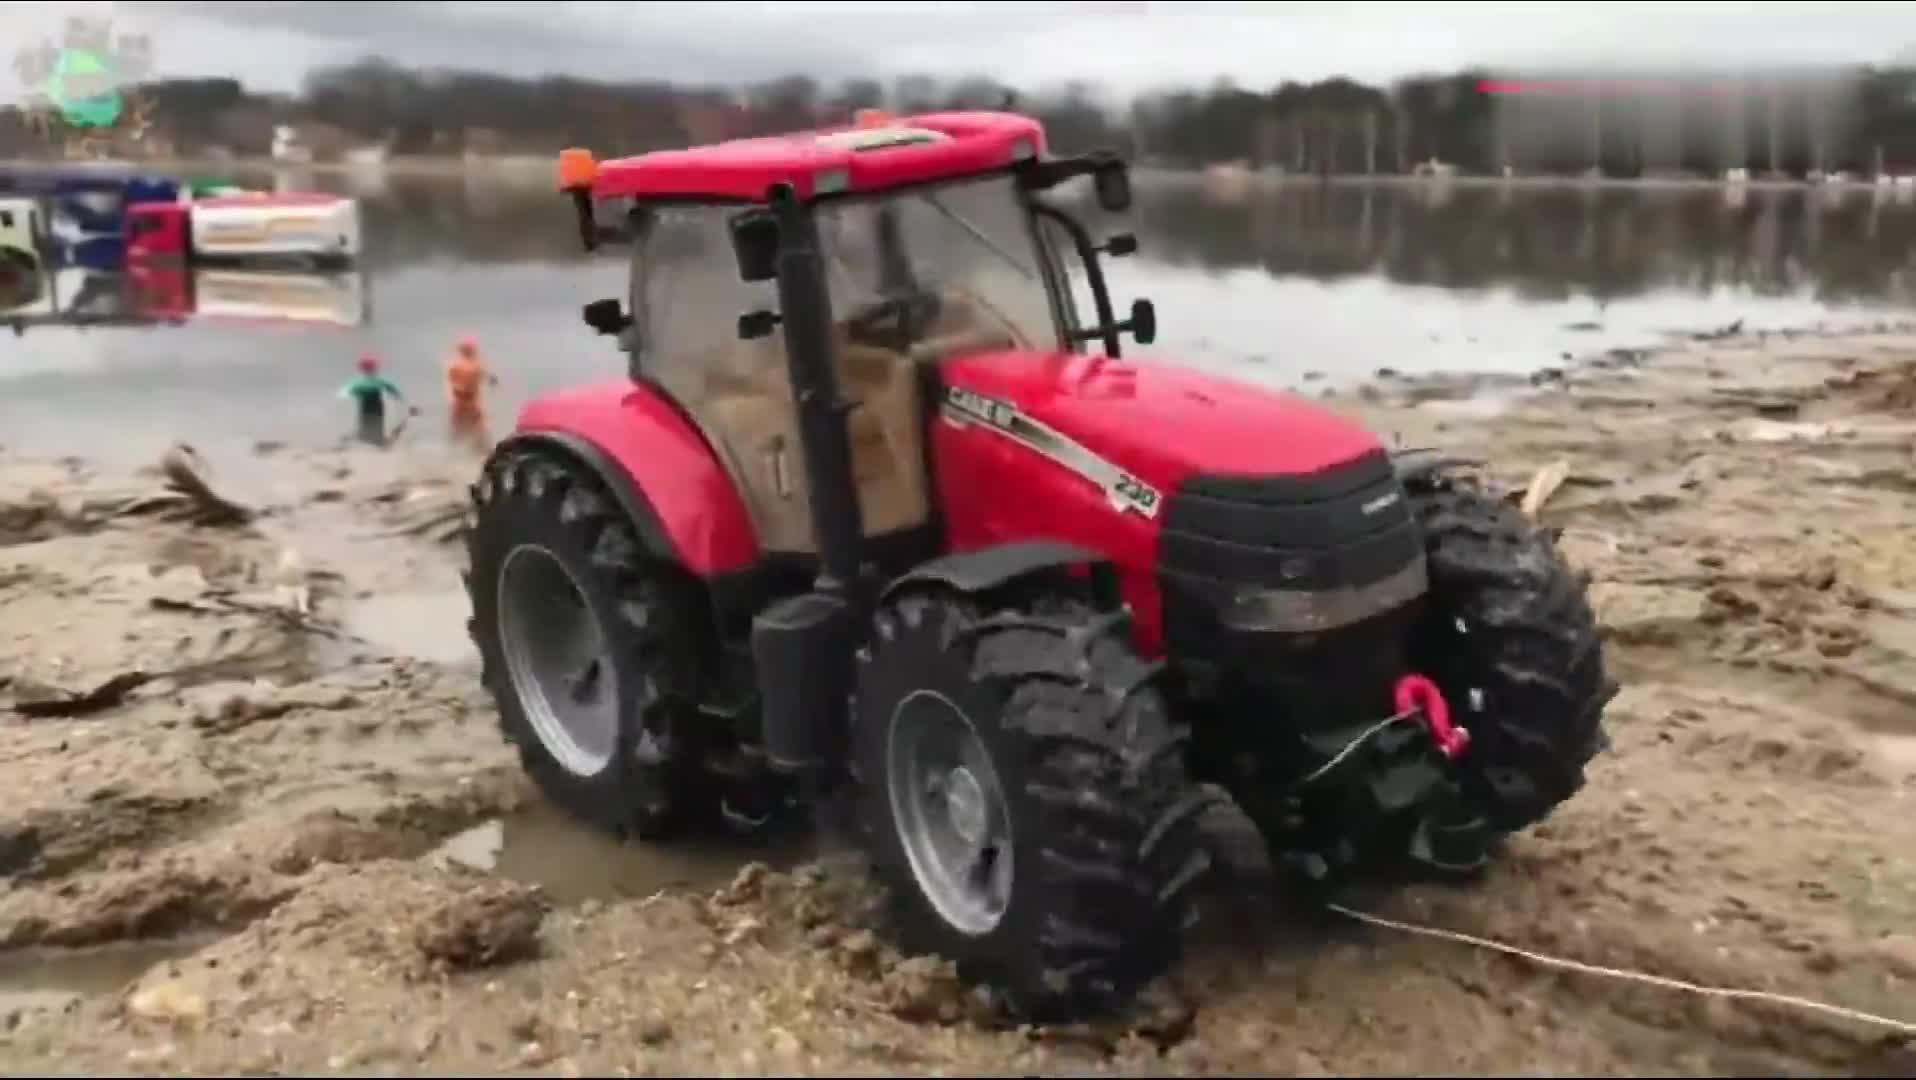 #益智玩具#亲子益智小玩具 拖拉机将陷入沼泽地里的同伴拖回岸上